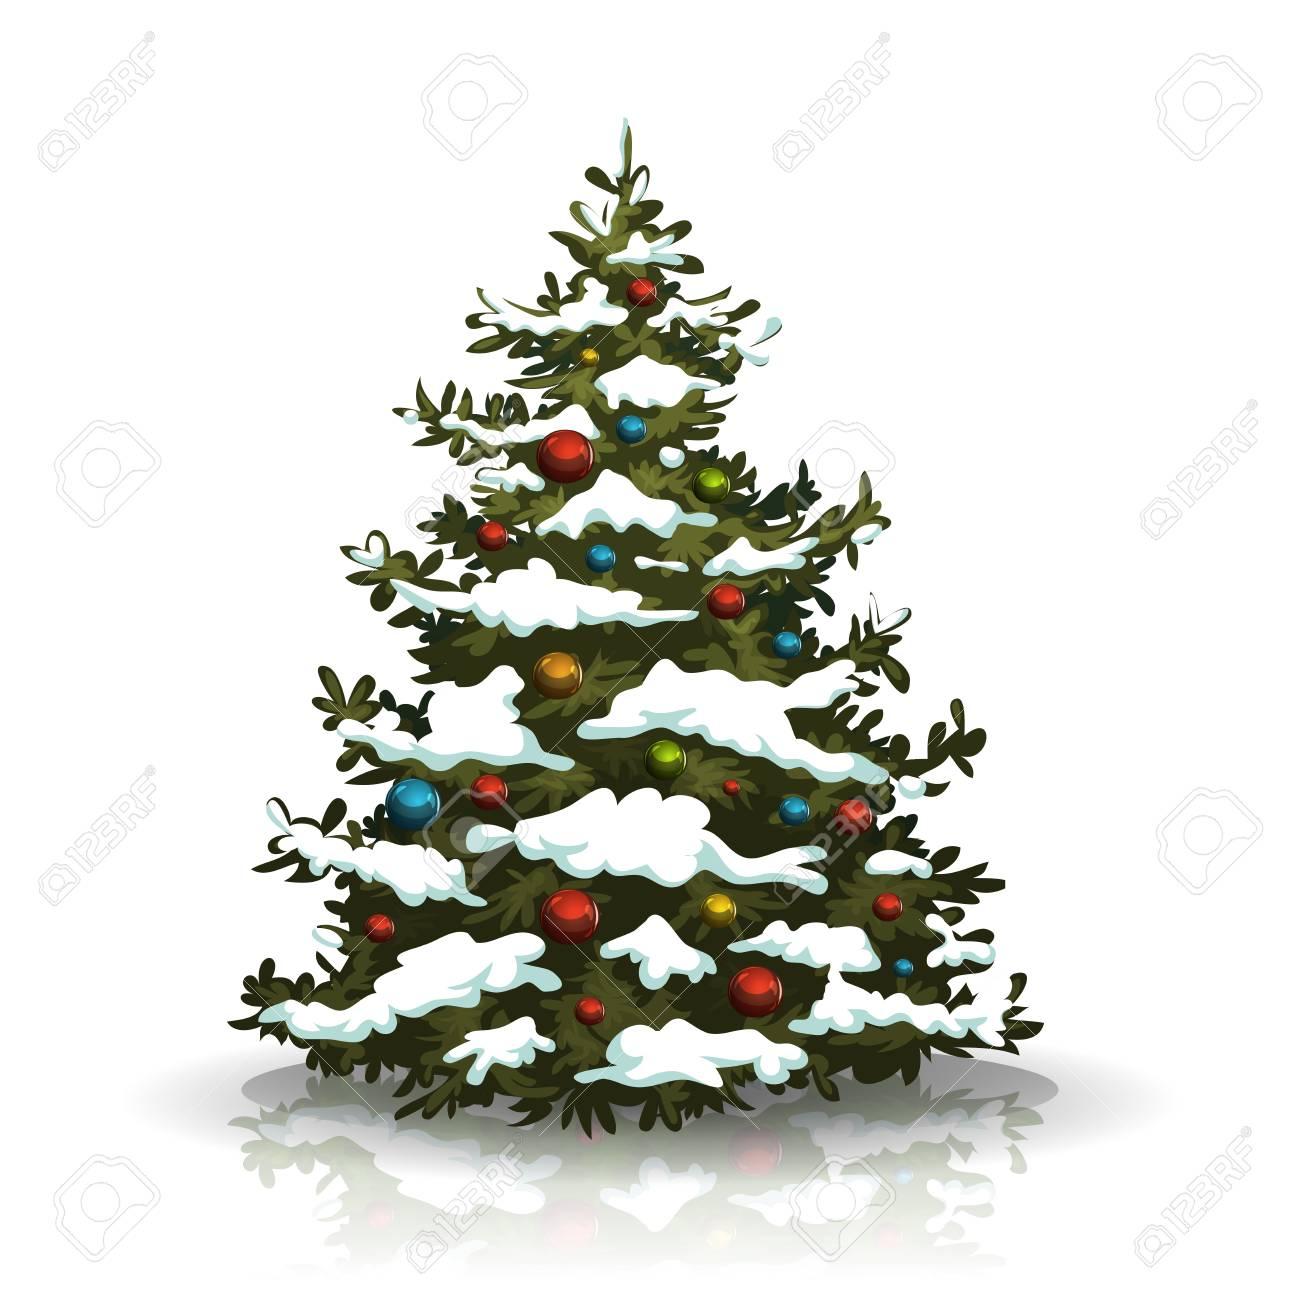 Foto Di Un Albero Di Natale.Illustrazione Di Un Albero Di Pino Di Natale Isolato Su Priorita Bassa Bianca Con La Decorazione Delle Sfere E Neve Dell Inverno Sul Suo Ramo